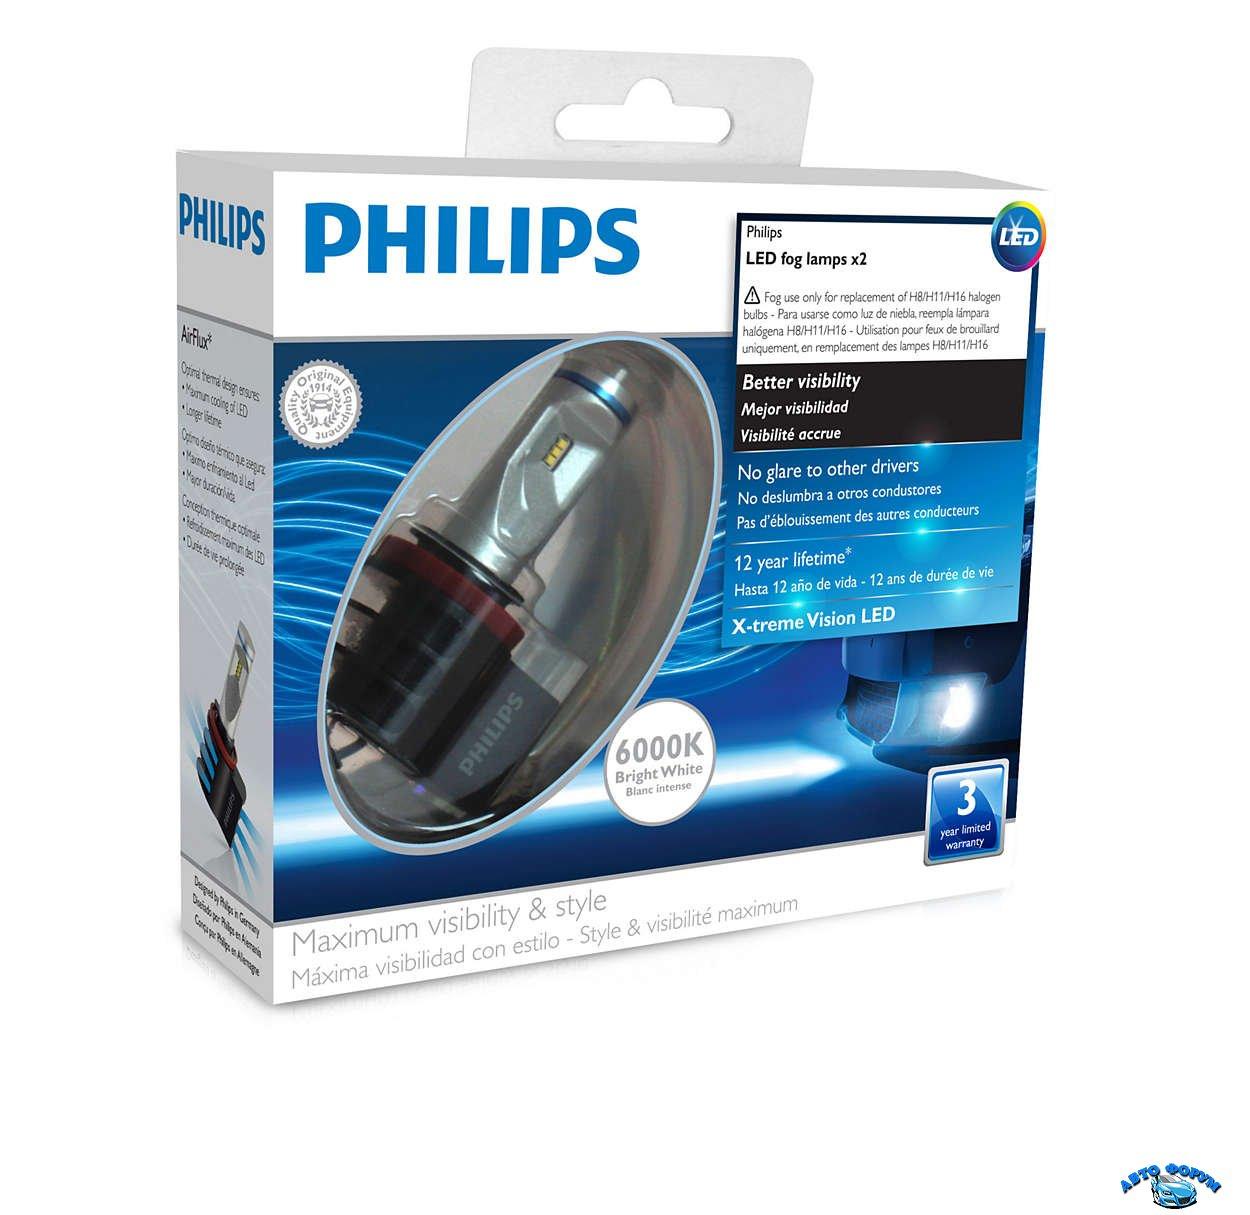 светодиодная лампа филипс.jpg